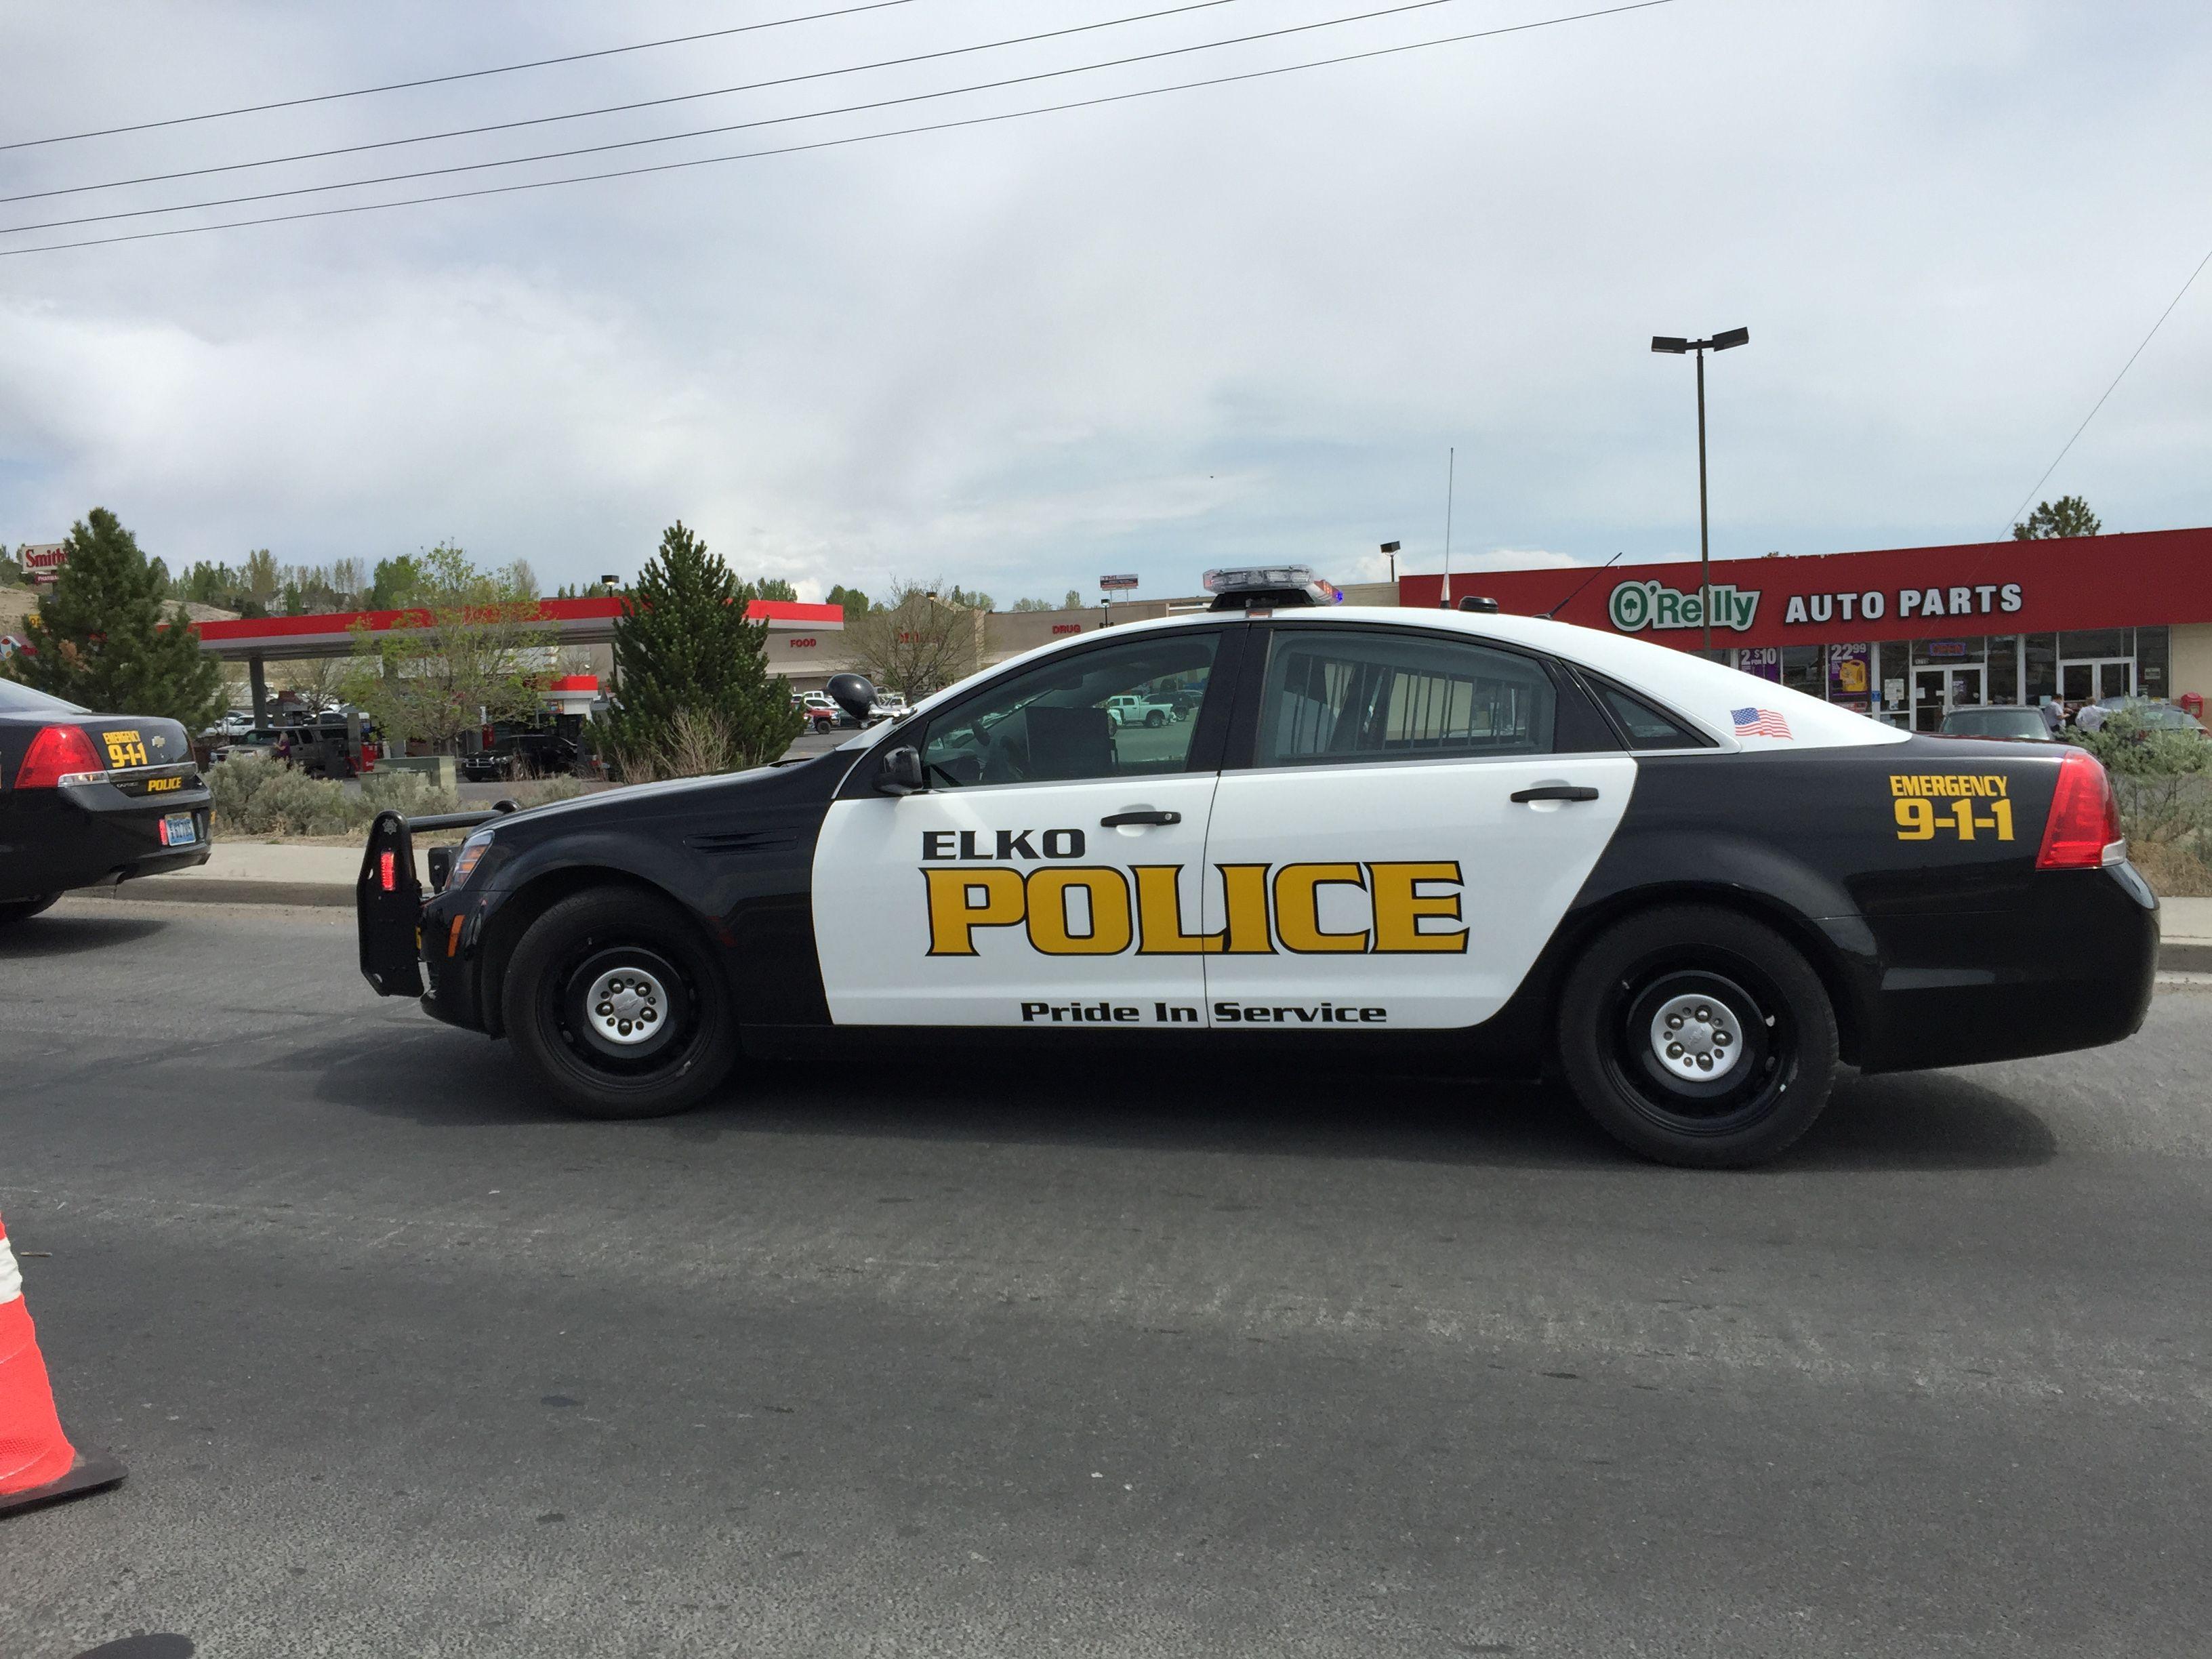 580 Law Enforcement Vehicles Heli S Planes Ideas In 2021 Police Law Enforcement Police Department